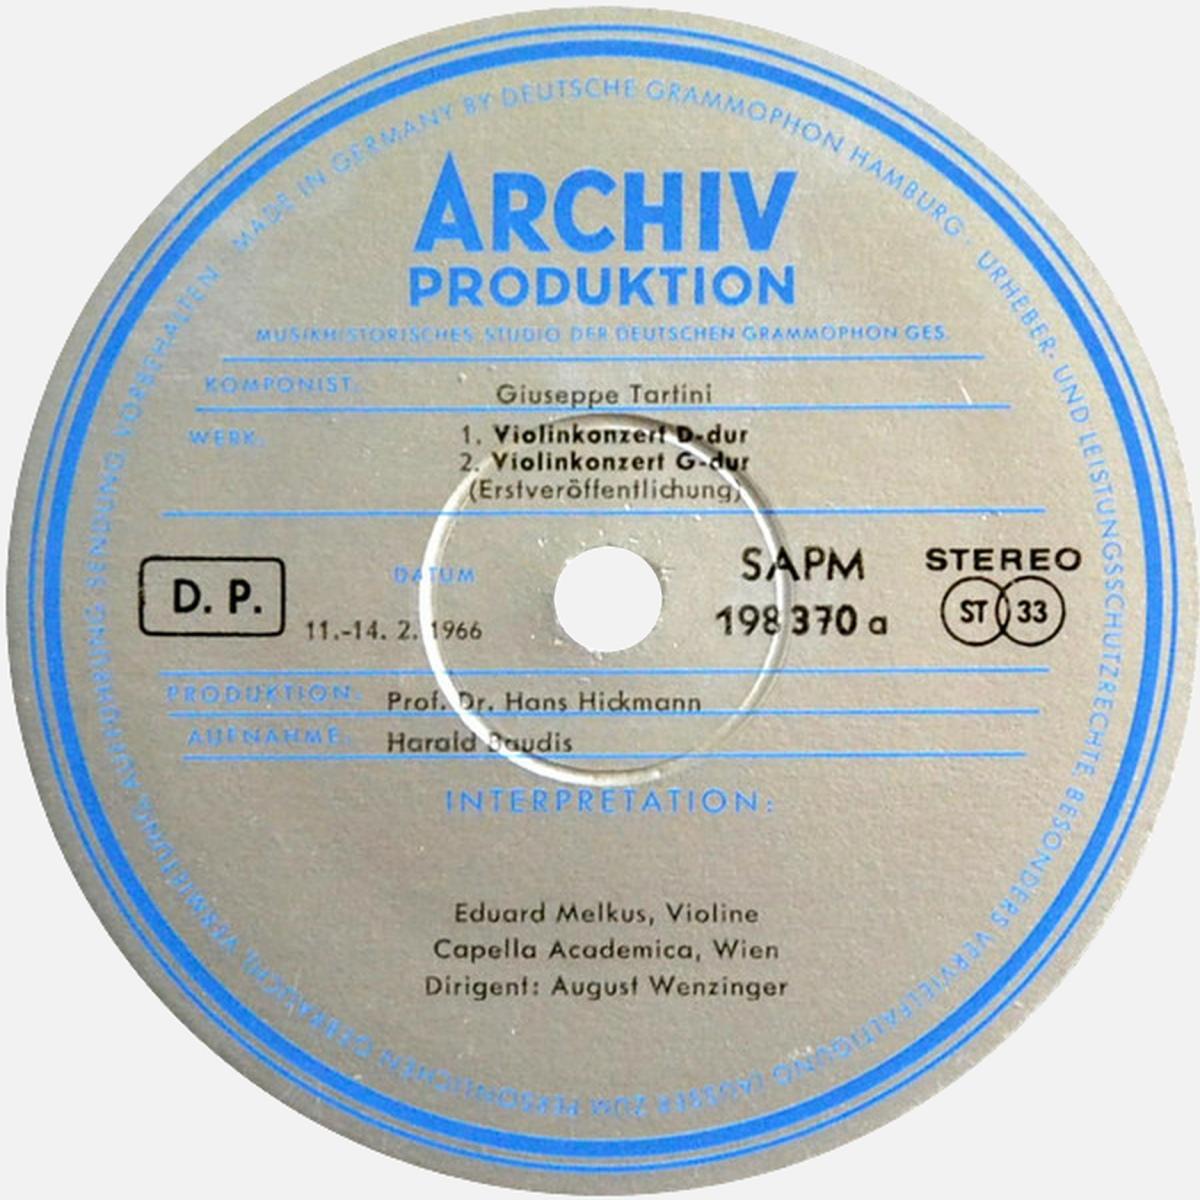 étiquette recto du disque ARC 73270 SAPM 198 370